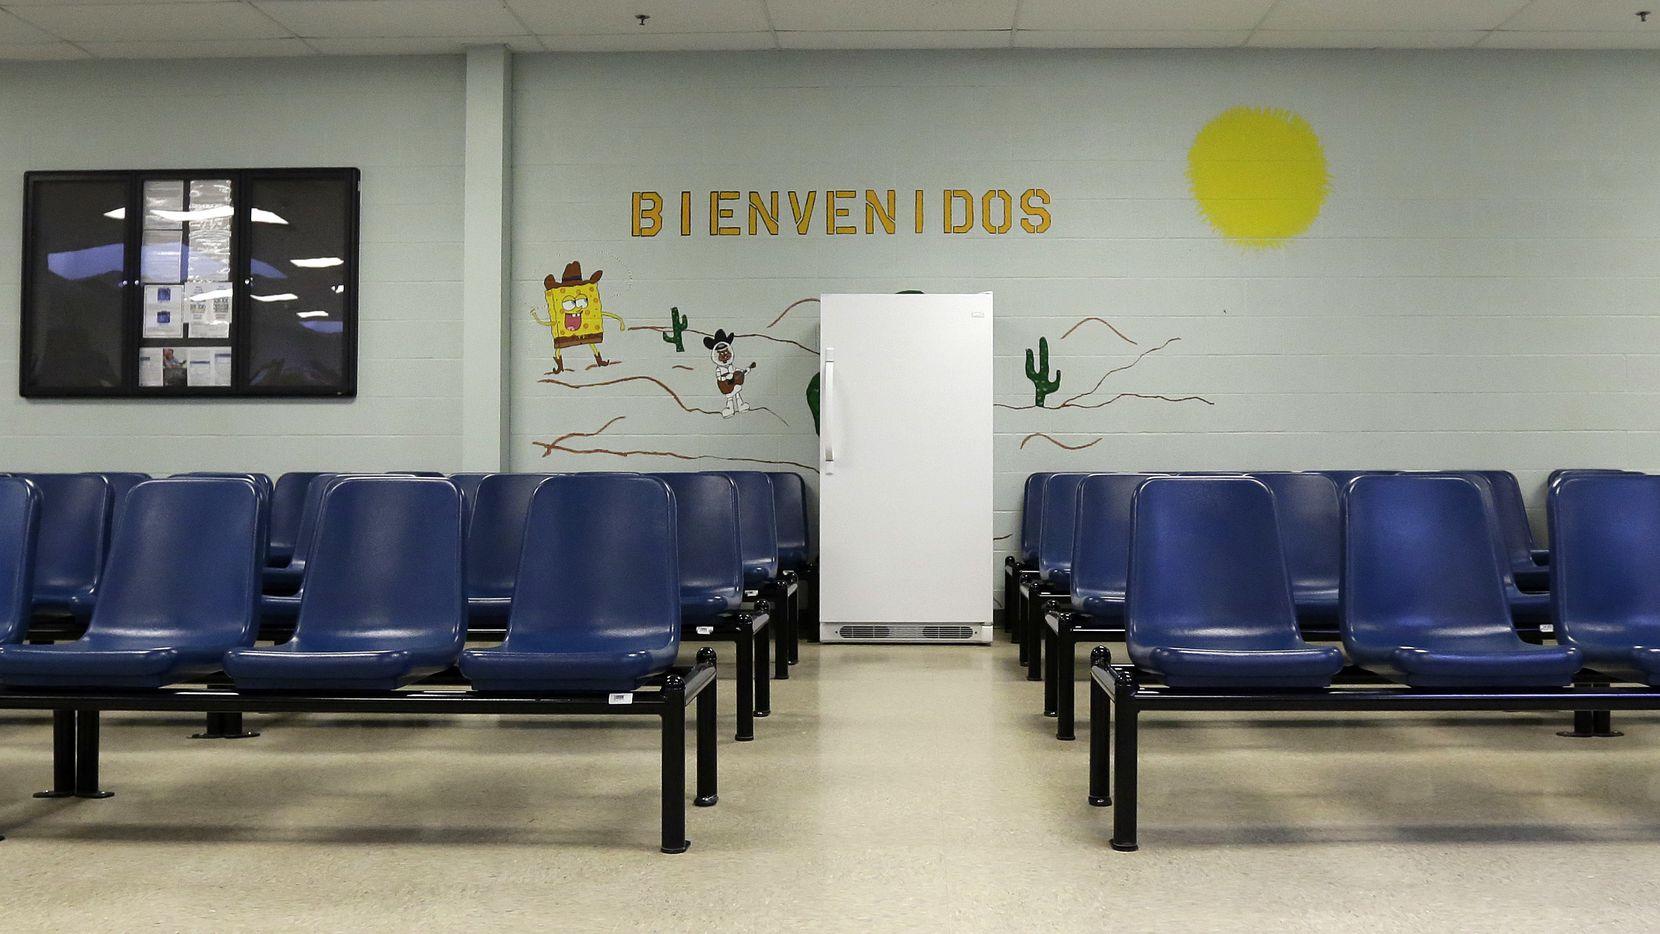 En esta imagen del 31 de julio de 2014, se ve la zona de procesamiento en el Centro Residencial del condado Karnes en Karnes City, Texas. Karnes, uno de los centros de detención más grandes del país para familias que fueron arrestadas cruzando la frontera, recibió una licencia temporal de cuidado infantil por parte del Departamento de Servicios y Protección Familiar de Texas. El portavoz de la dependencia, Patrick Crimmins, dijo el martes 3 de mayo de 2016 que la agencia le otorgó la semana pasada el permiso por seis meses al centro de detención. (Foto AP/Eric Gay Archivo)